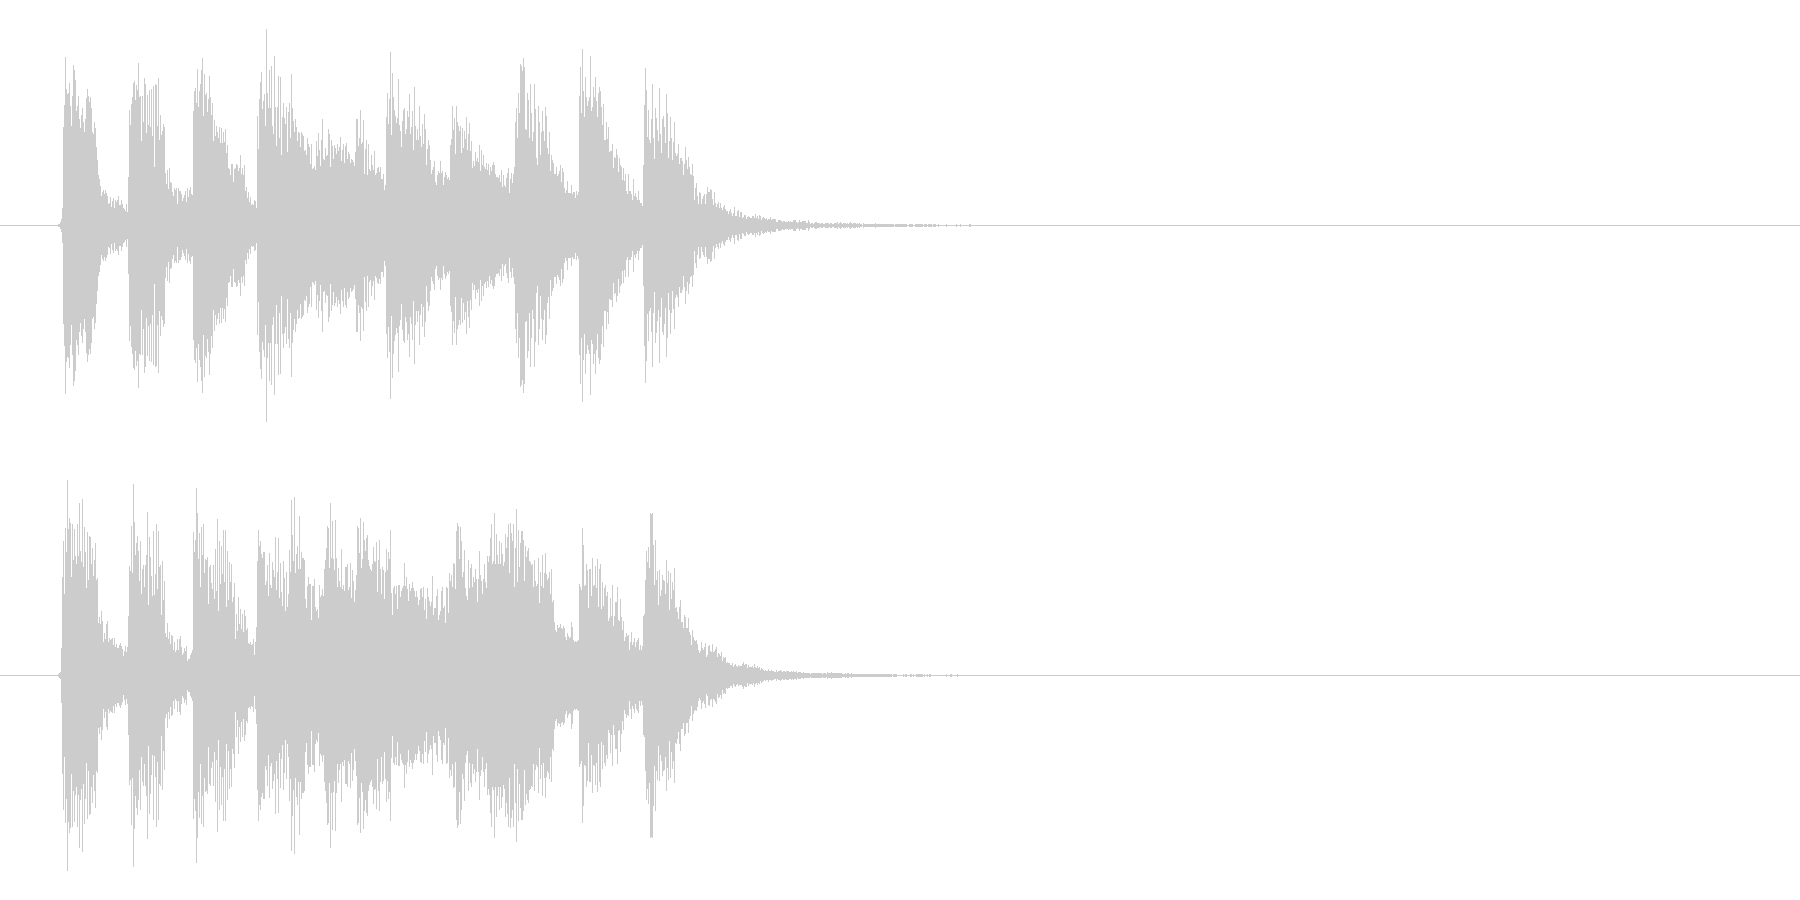 軽快でキャッチーなピアノジングルの未再生の波形